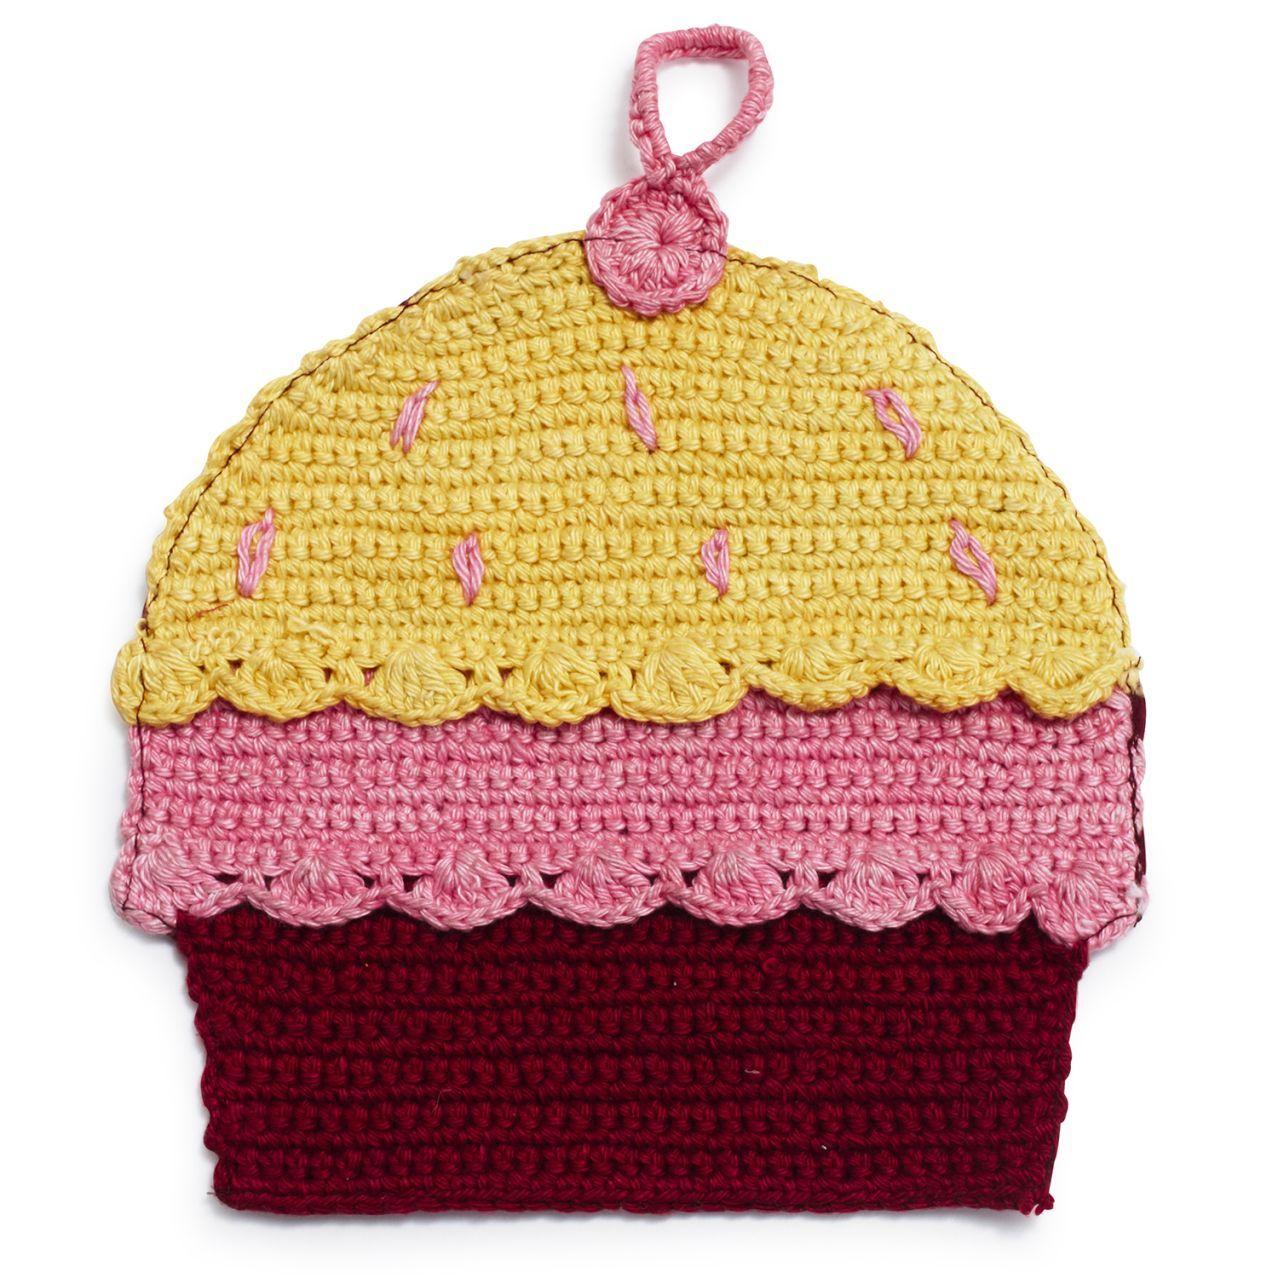 Pink Cupcake Crochet Potholder | Sur La Table | Crochet potholders ...